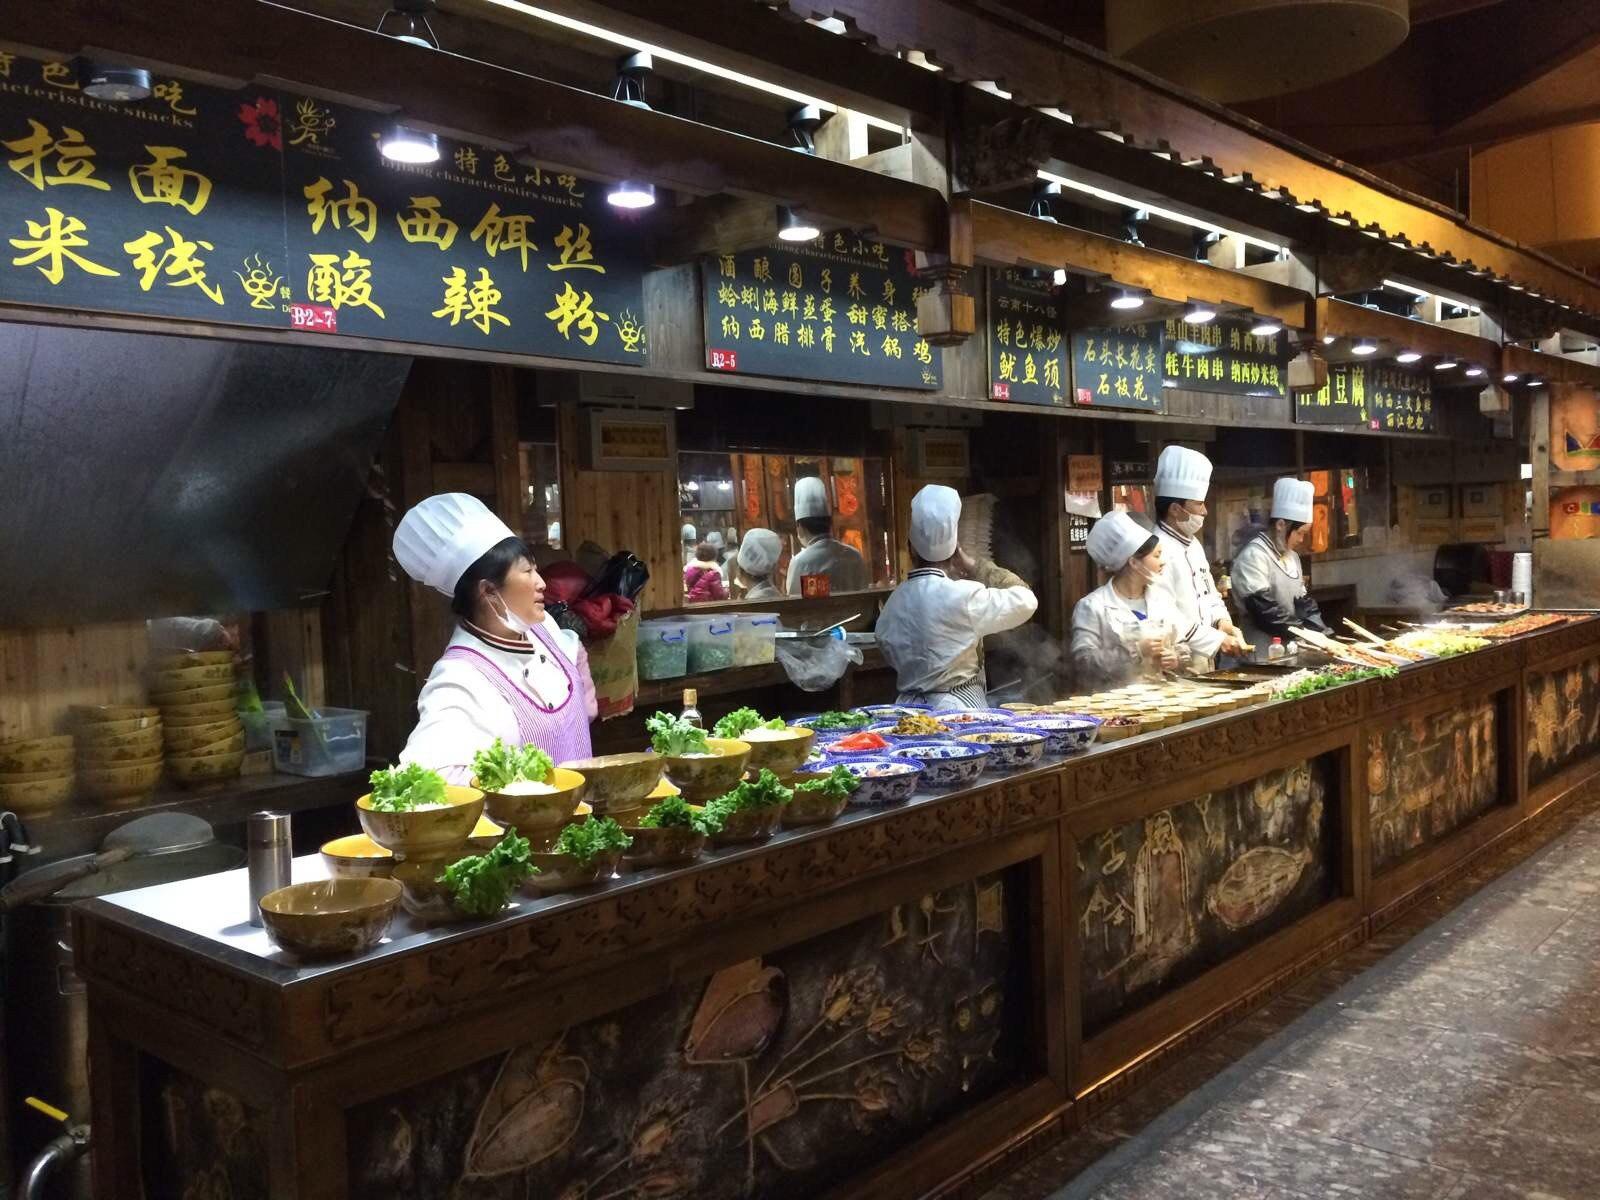 丽江小吃_丽江古城美食街